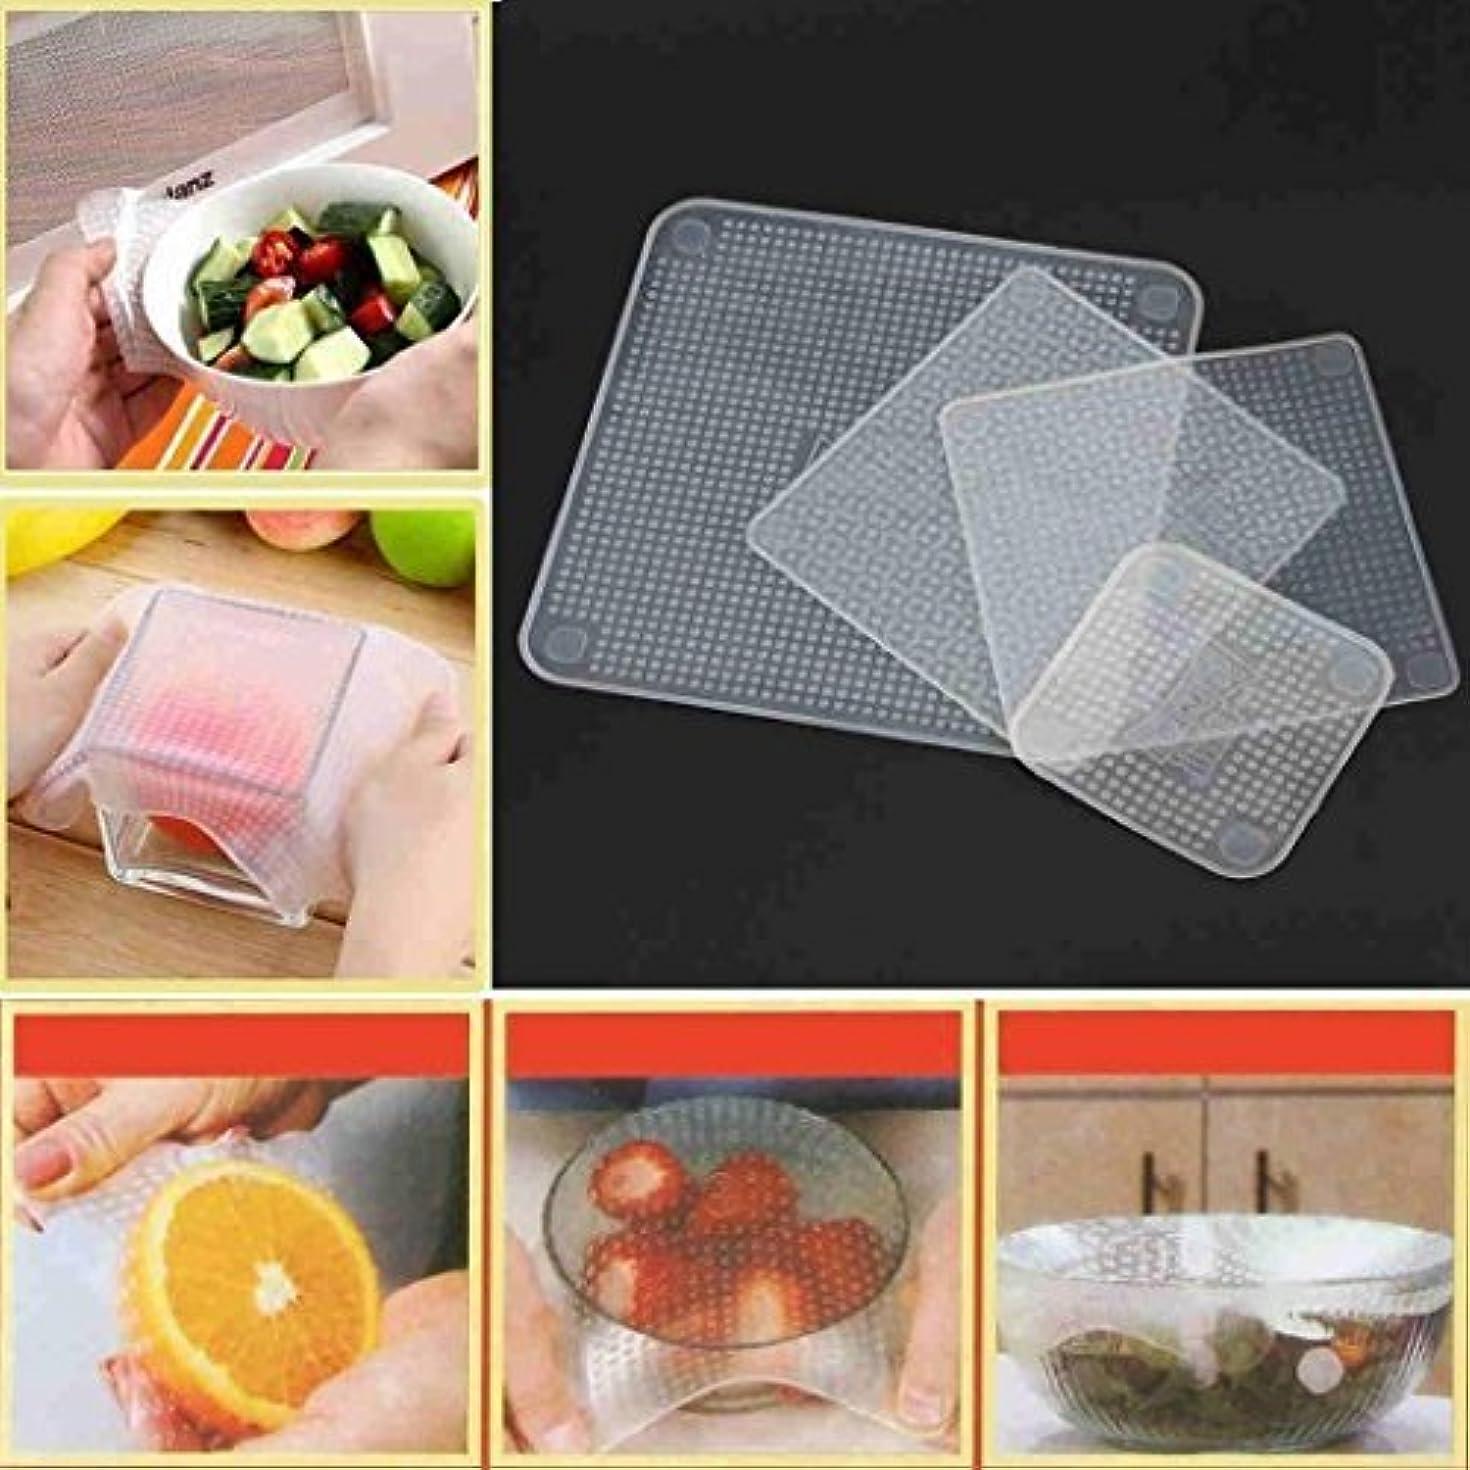 電極パンツレビュー再利用可能なツール4キッチンカバーシリコーンを保って食品用ラップストレッチフレッシュシールボウル